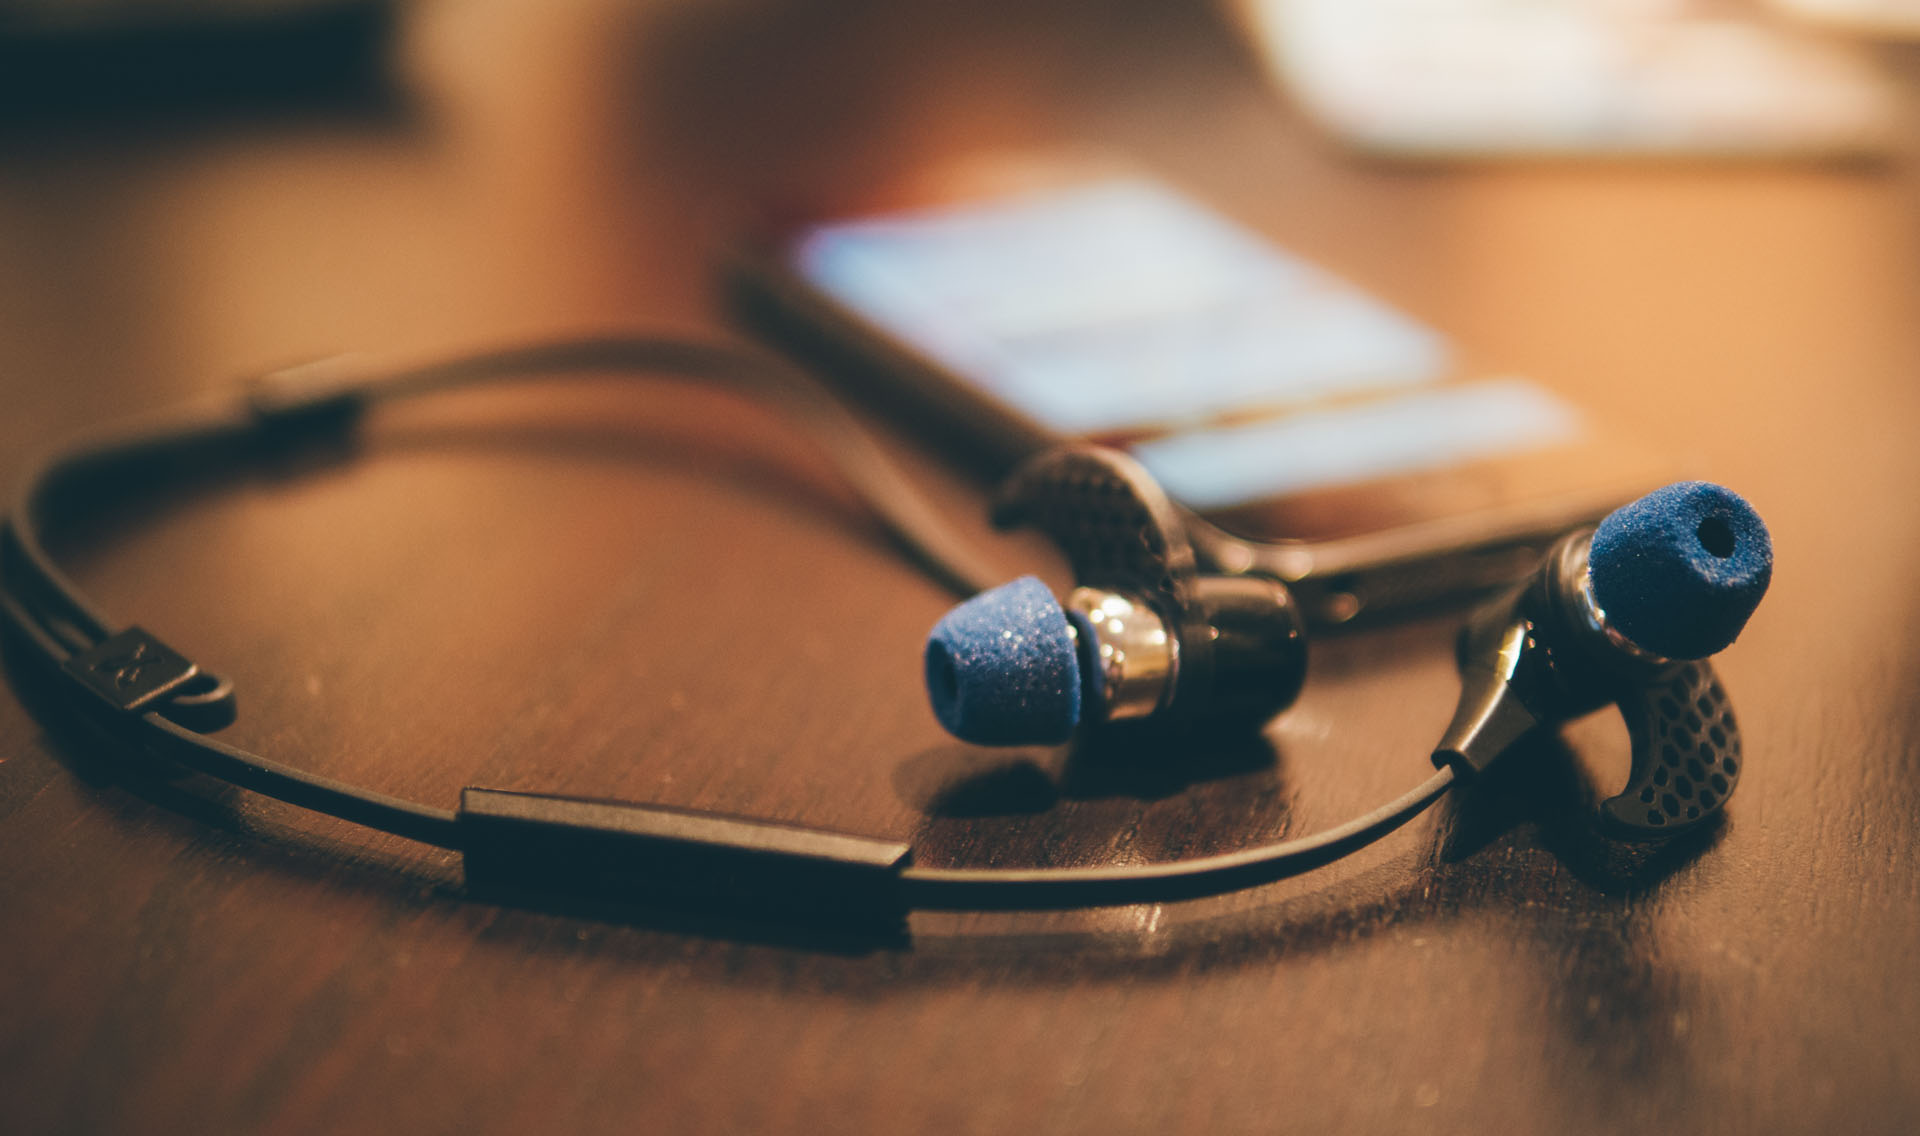 JayBird BlueBuds X Sport Bluetooth Headphones ($132)